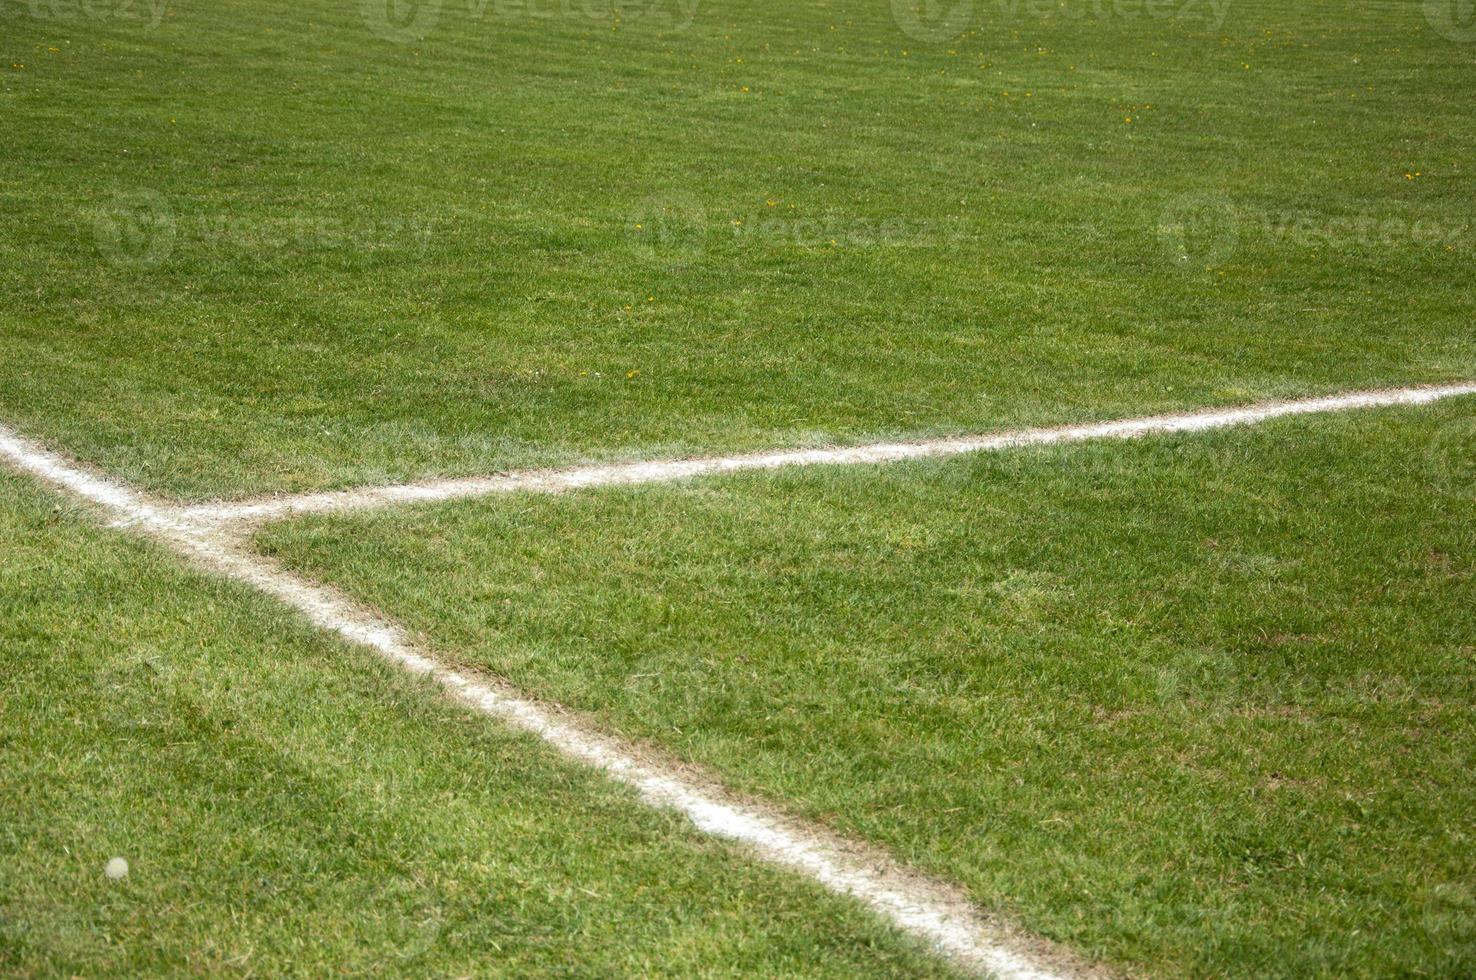 vita linjer på ett fotbollsplan foto